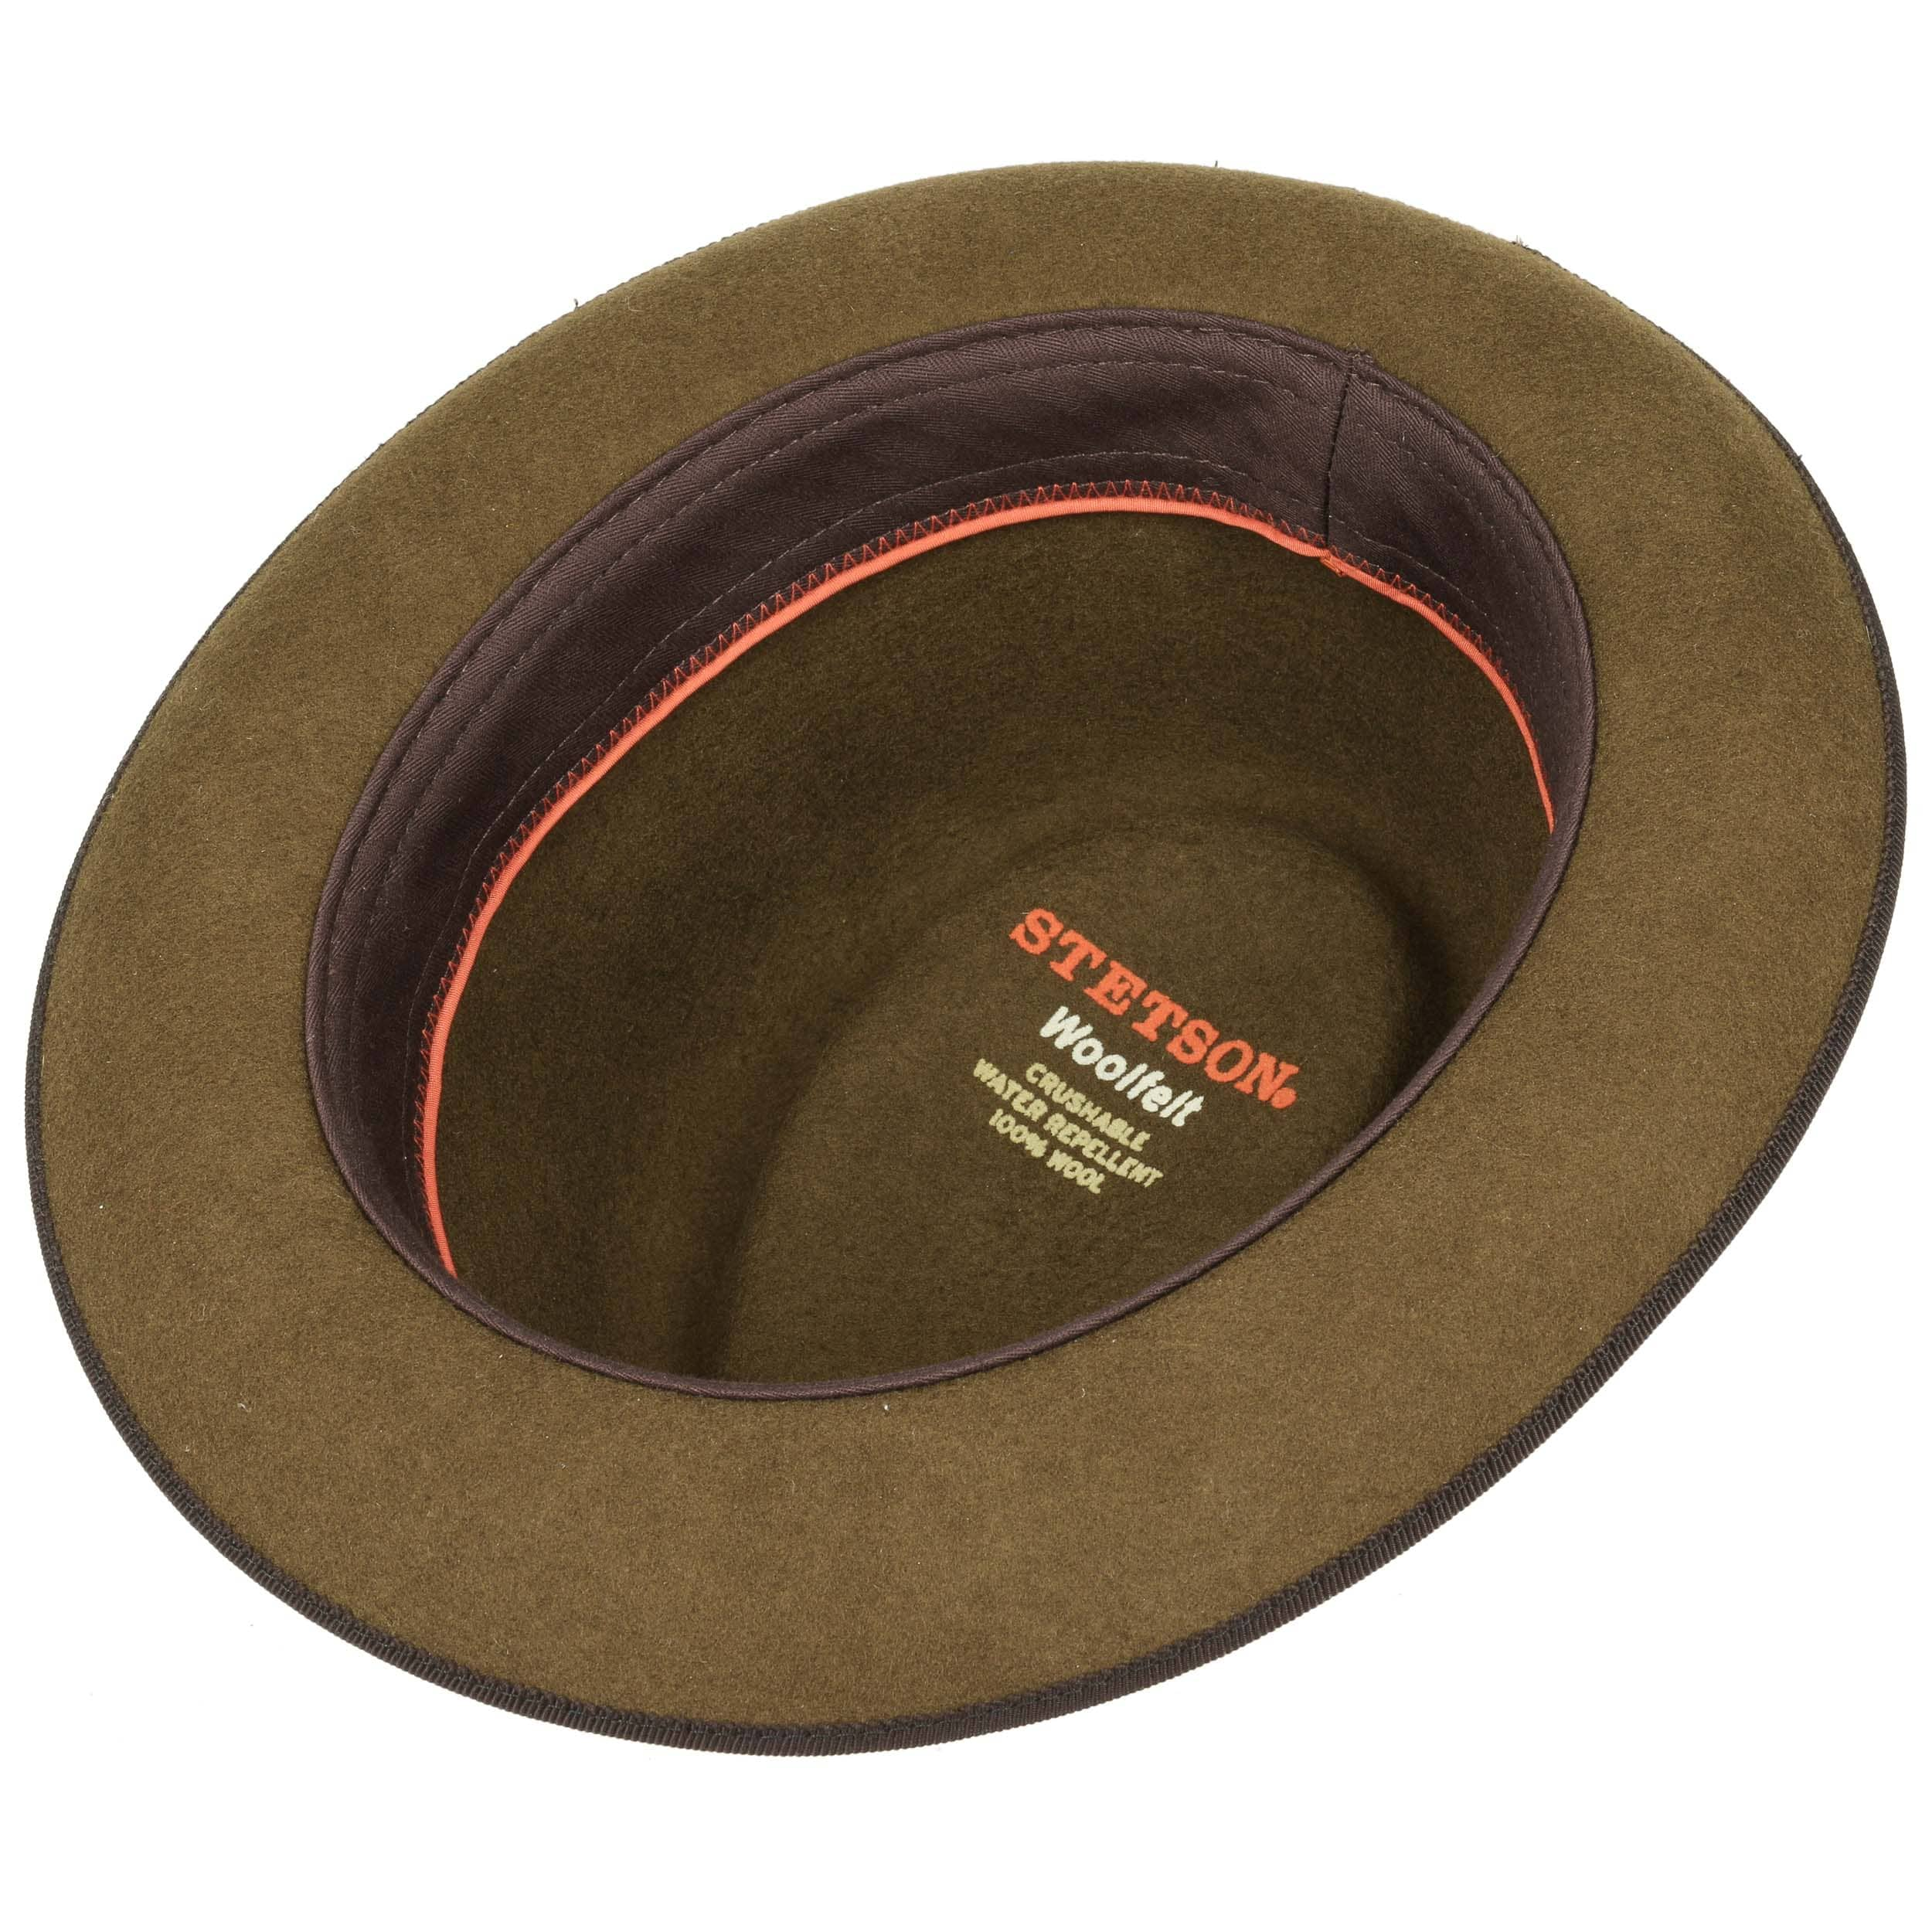 67be4194c737b Sombrero Fieltro Pulasco Player by Stetson - Sombreros - sombreroshop.es